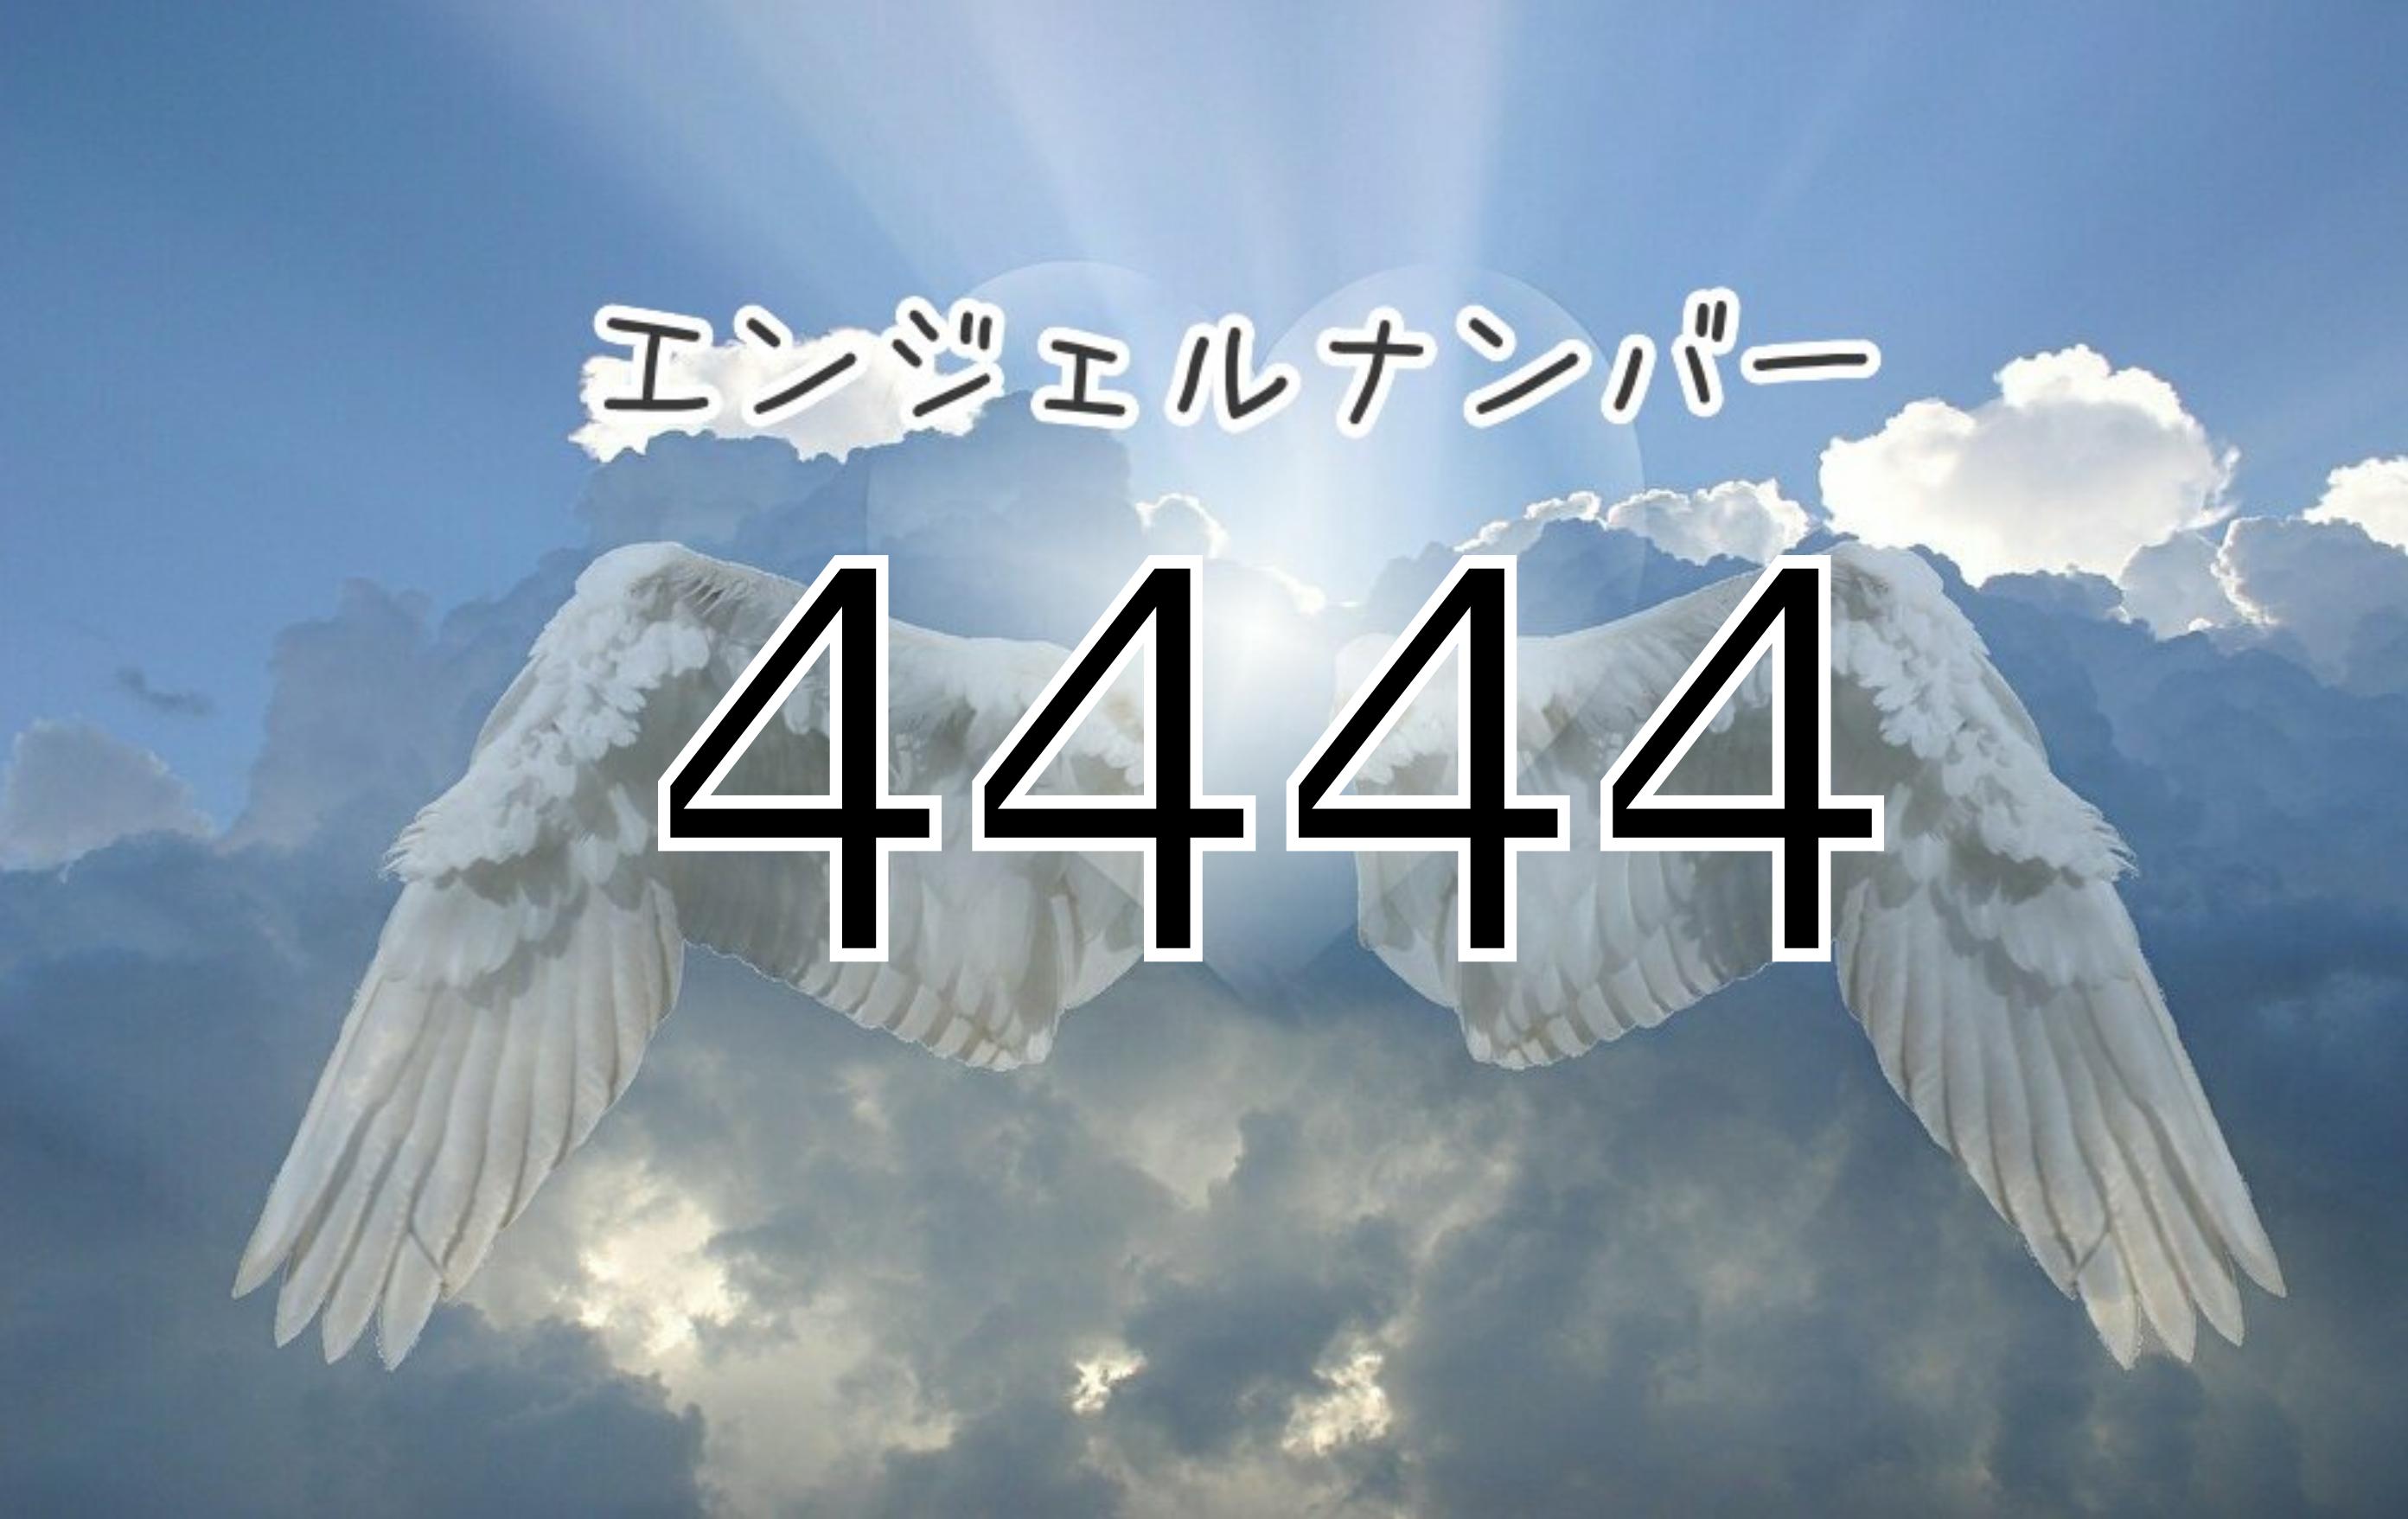 【エンジェルナンバー4444】